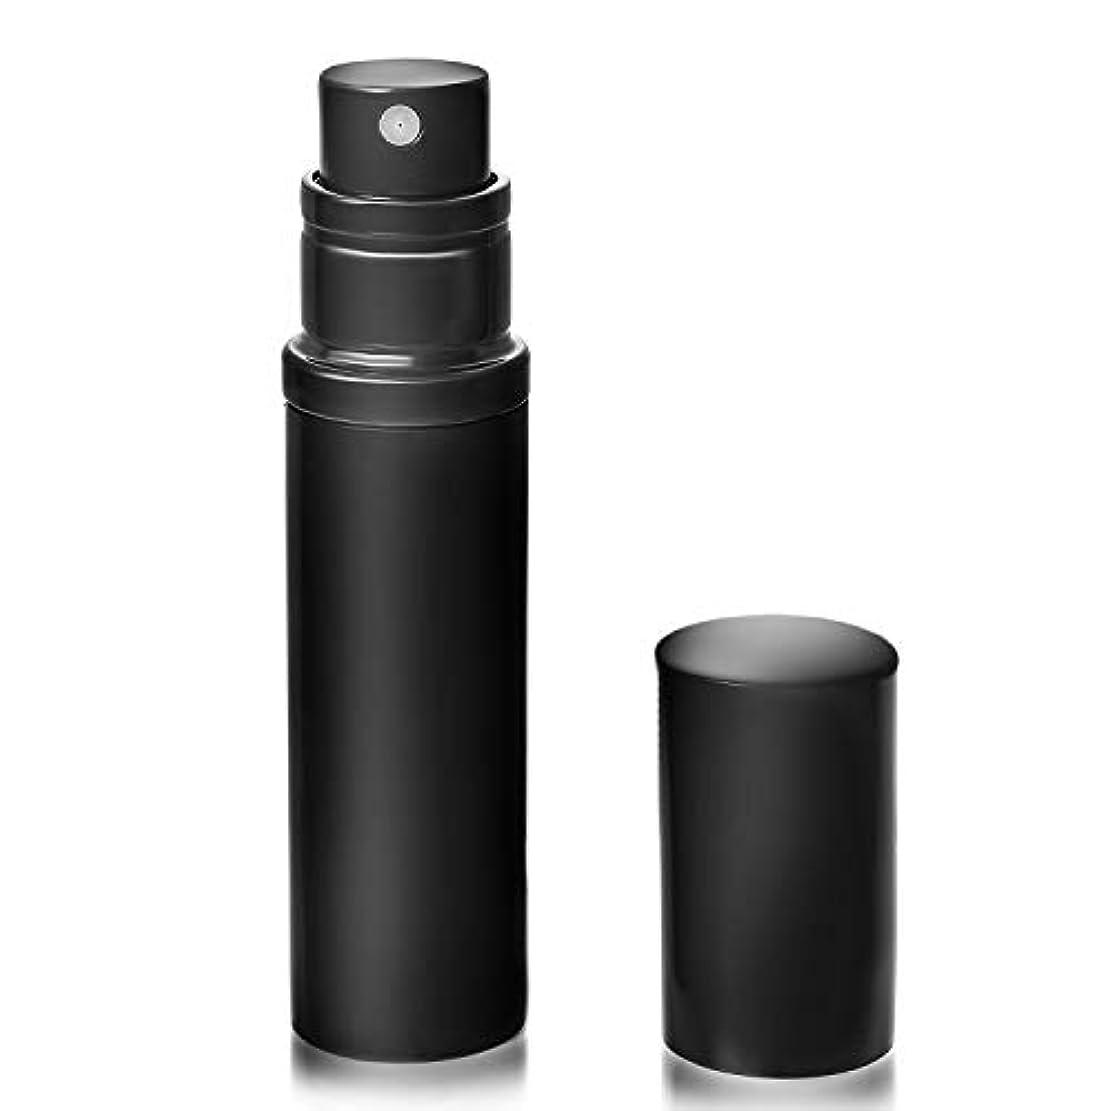 レンチショッキング欠点アトマイザ- 香水 クイックアトマイザー ワンタッチ 入れ物 簡単 持ち運び 詰め替え ポータブルクイック 容器 香水噴霧器 ブラック YOOMARO